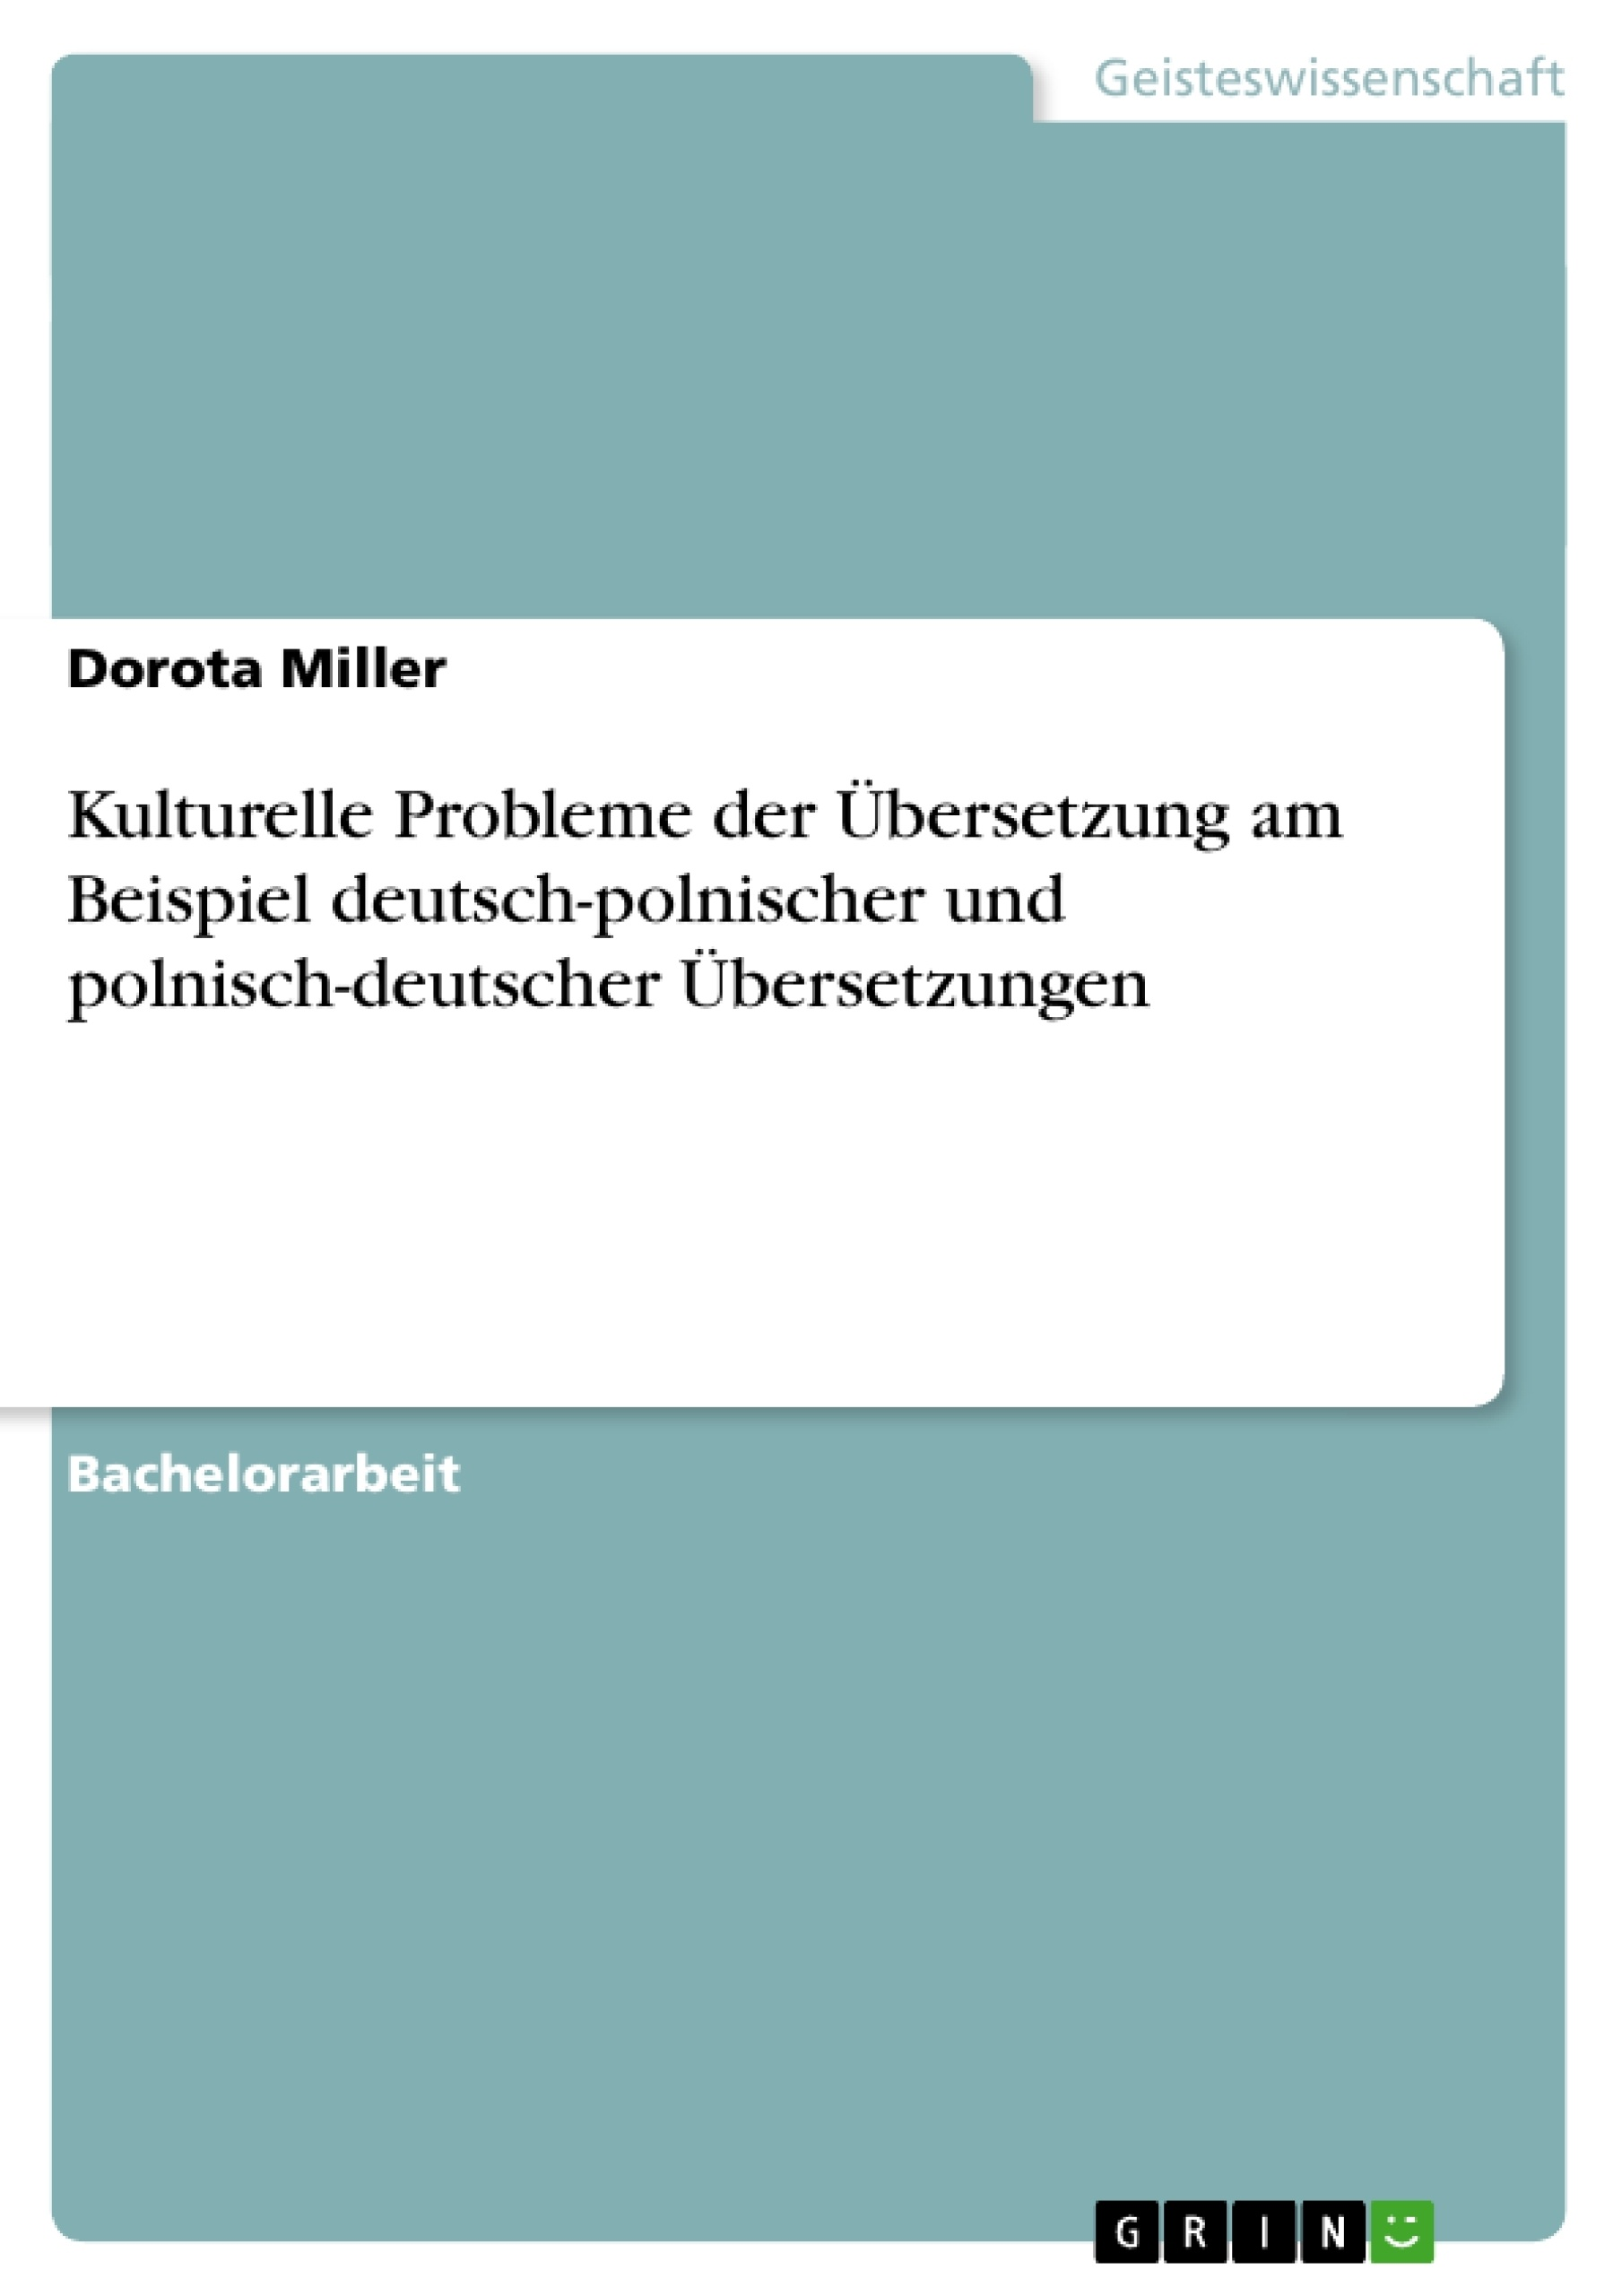 Titel: Kulturelle Probleme der Übersetzung am Beispiel deutsch-polnischer und polnisch-deutscher Übersetzungen